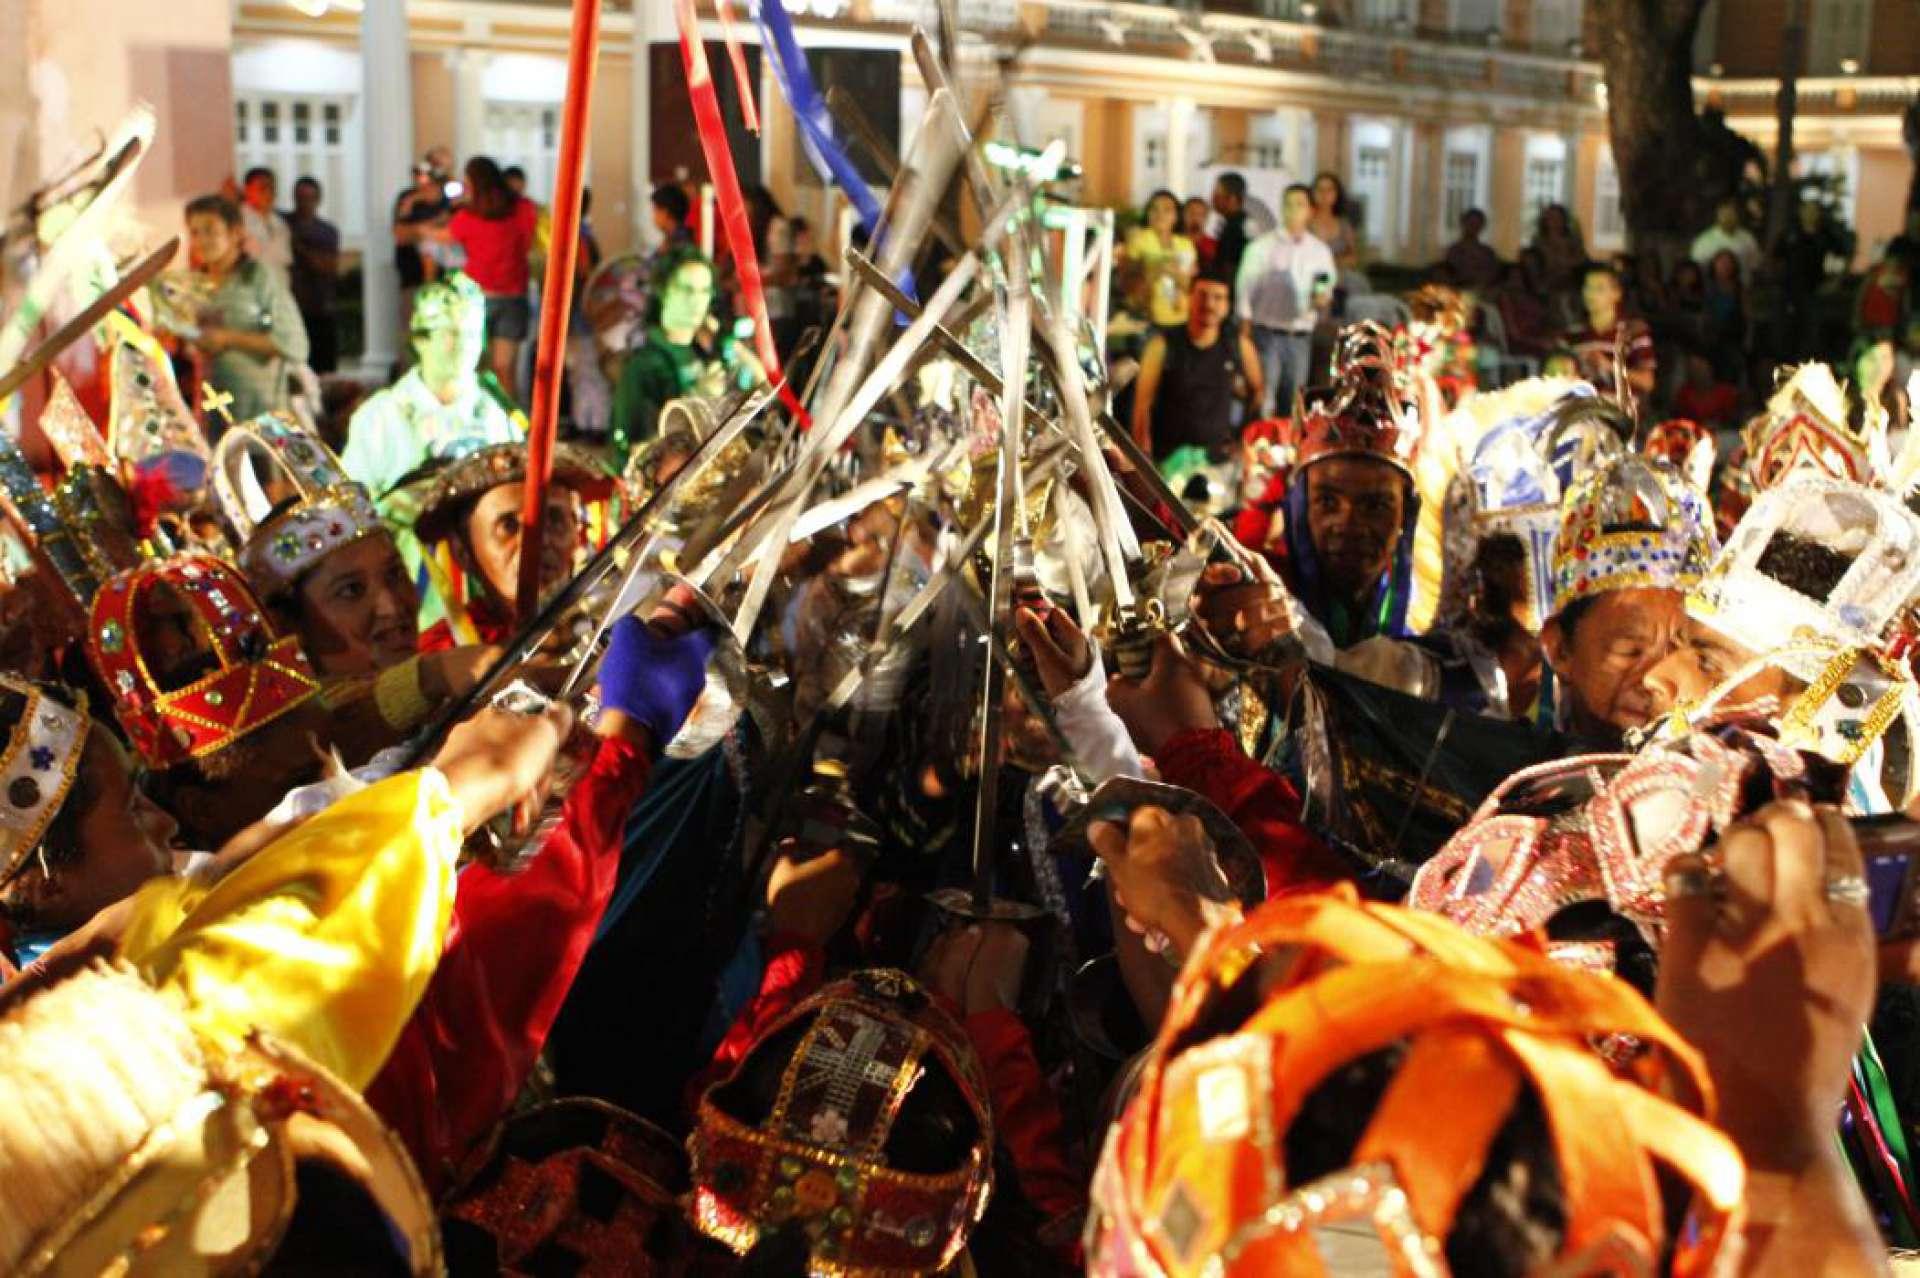 Festas populares e espaços de culturas originárias, tradicionais e populares puderam pedir subsídio para manutenção pela Lei Aldir Blanc por parte dos municípios. Na foto, apresentação de reisado na Reitoria da UFC